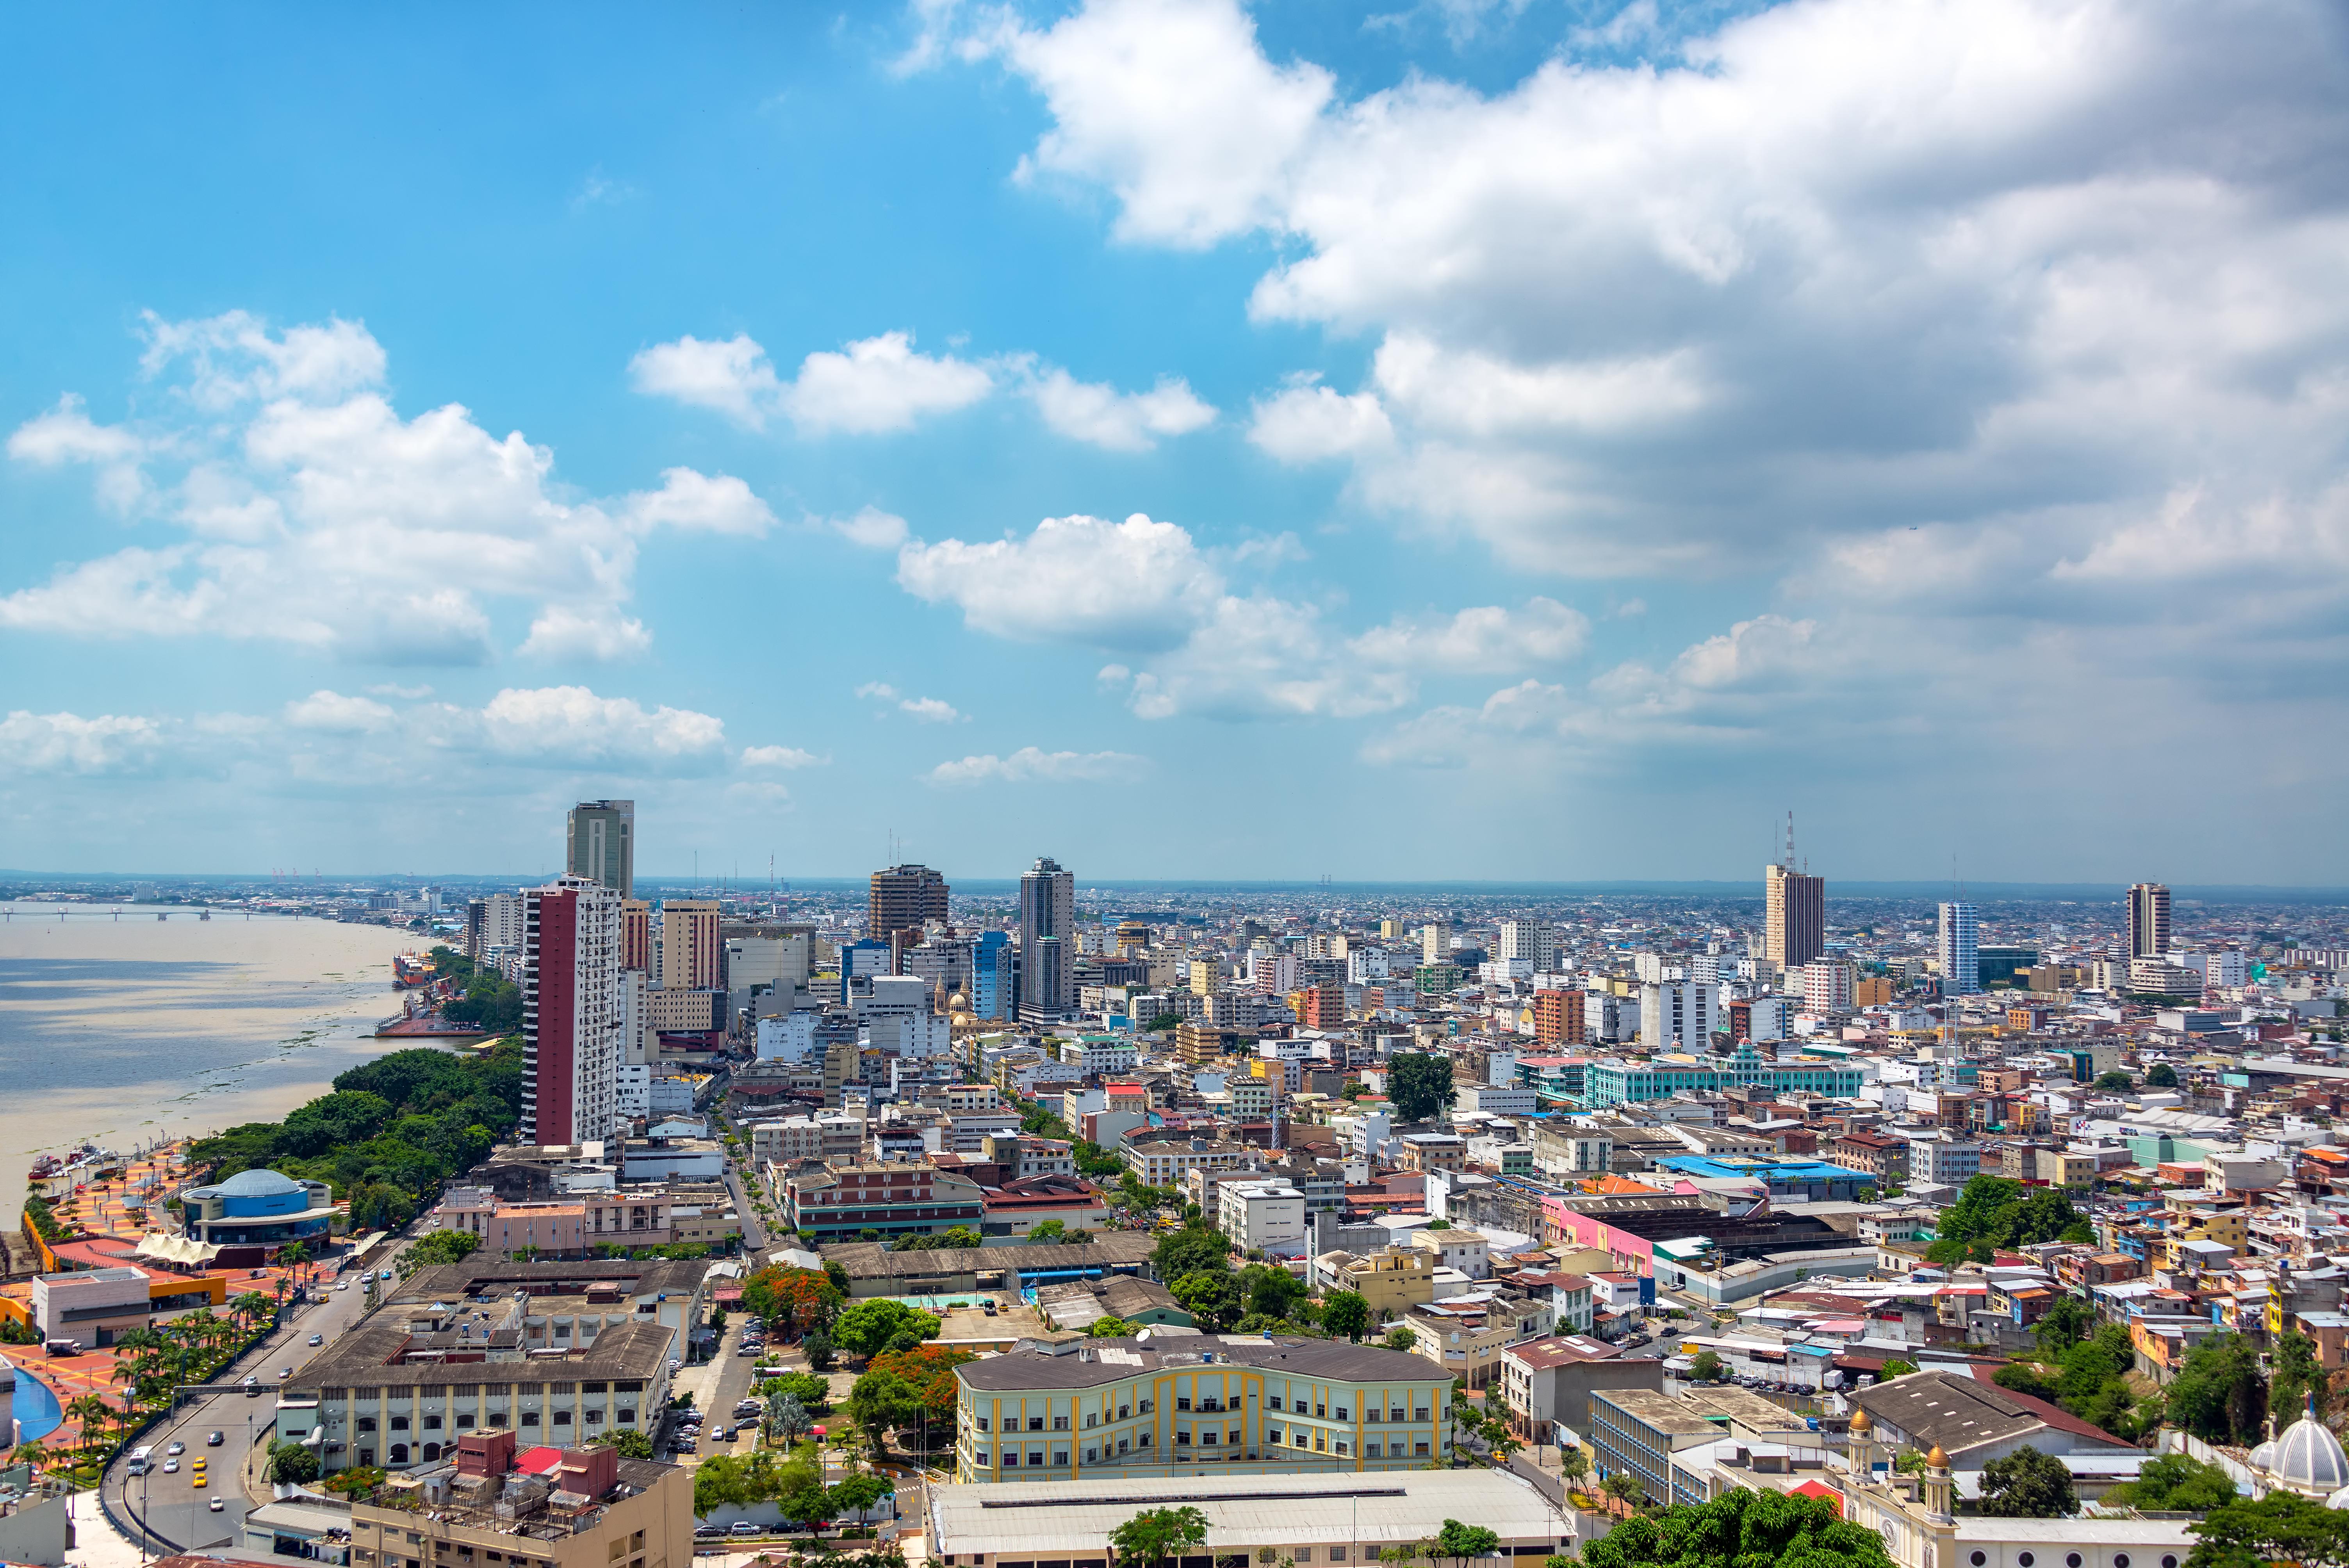 غواياكيل (الإكوادور)